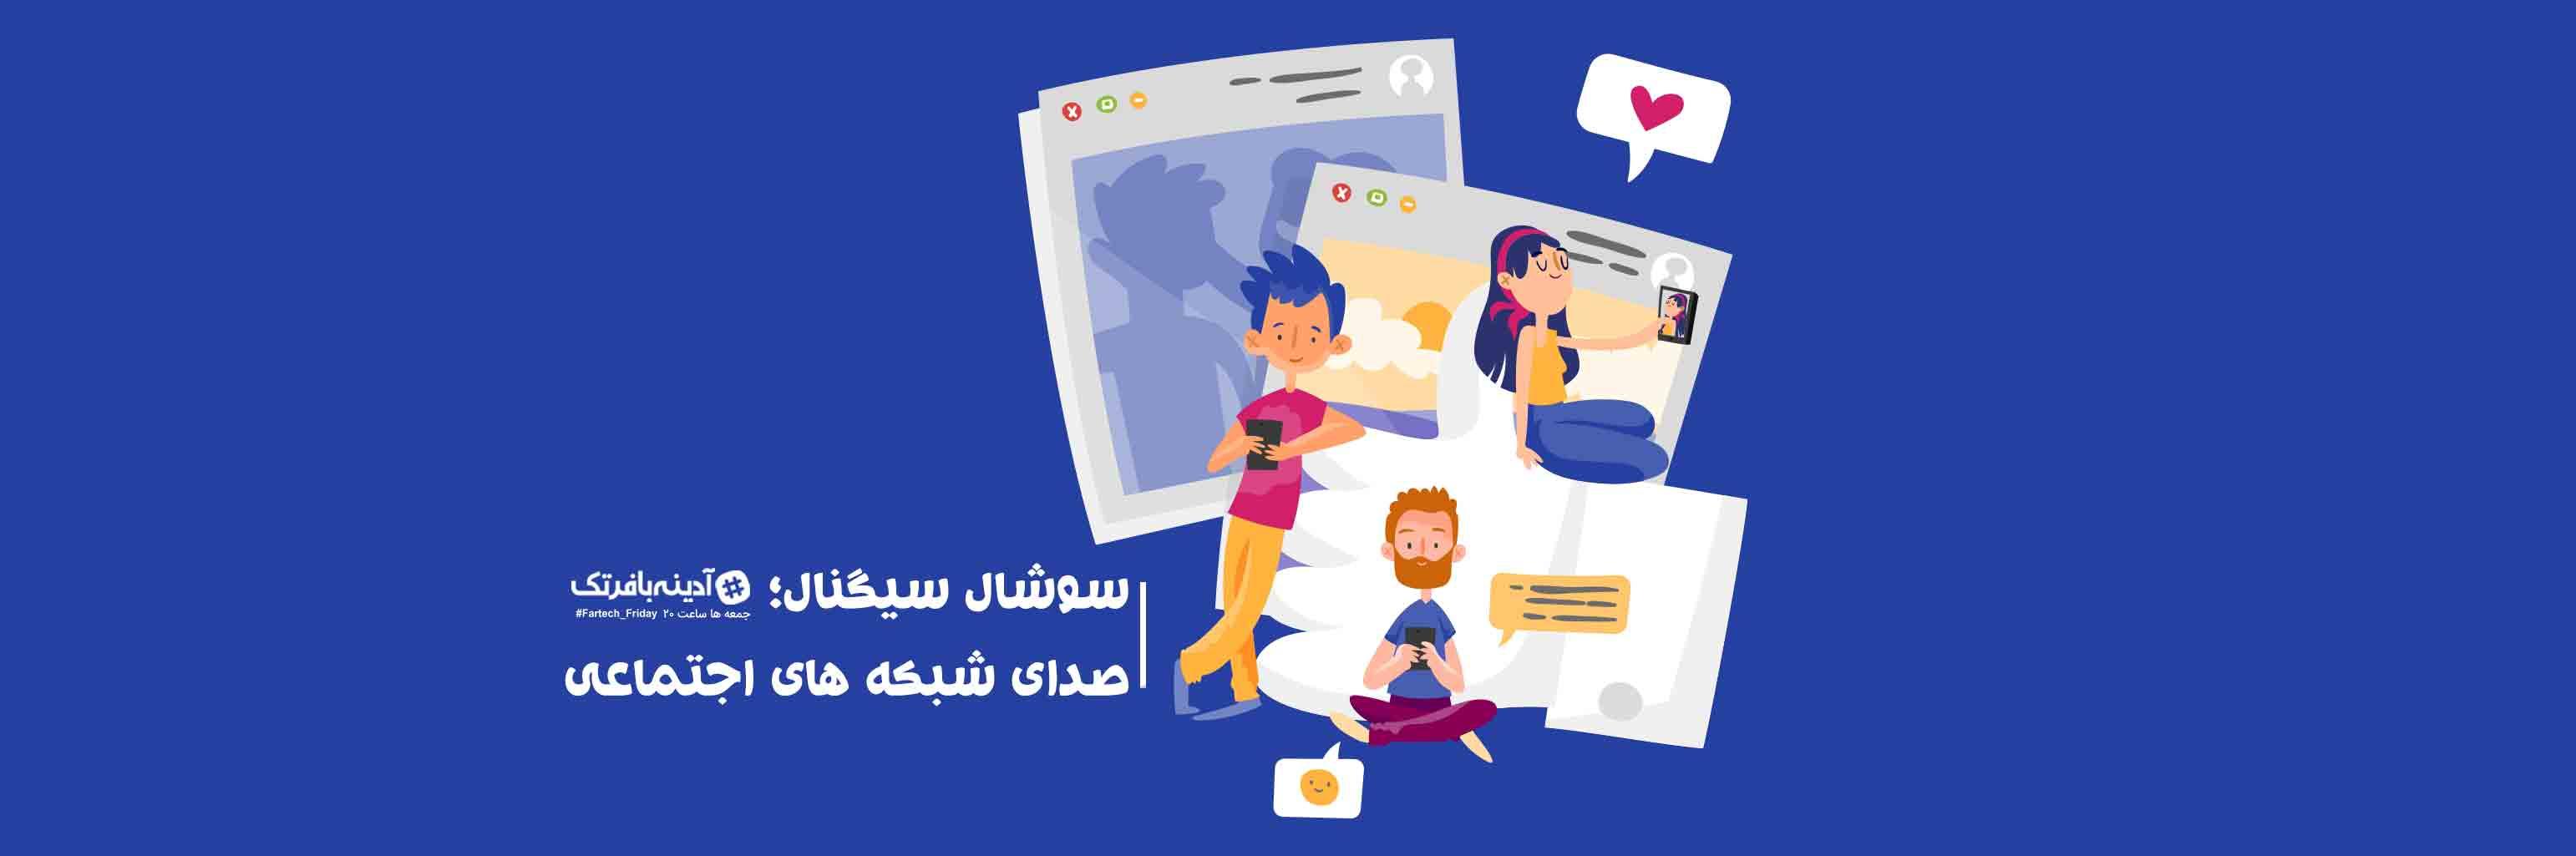 سوشال سیگنال؛ صدای شبکه های اجتماعی